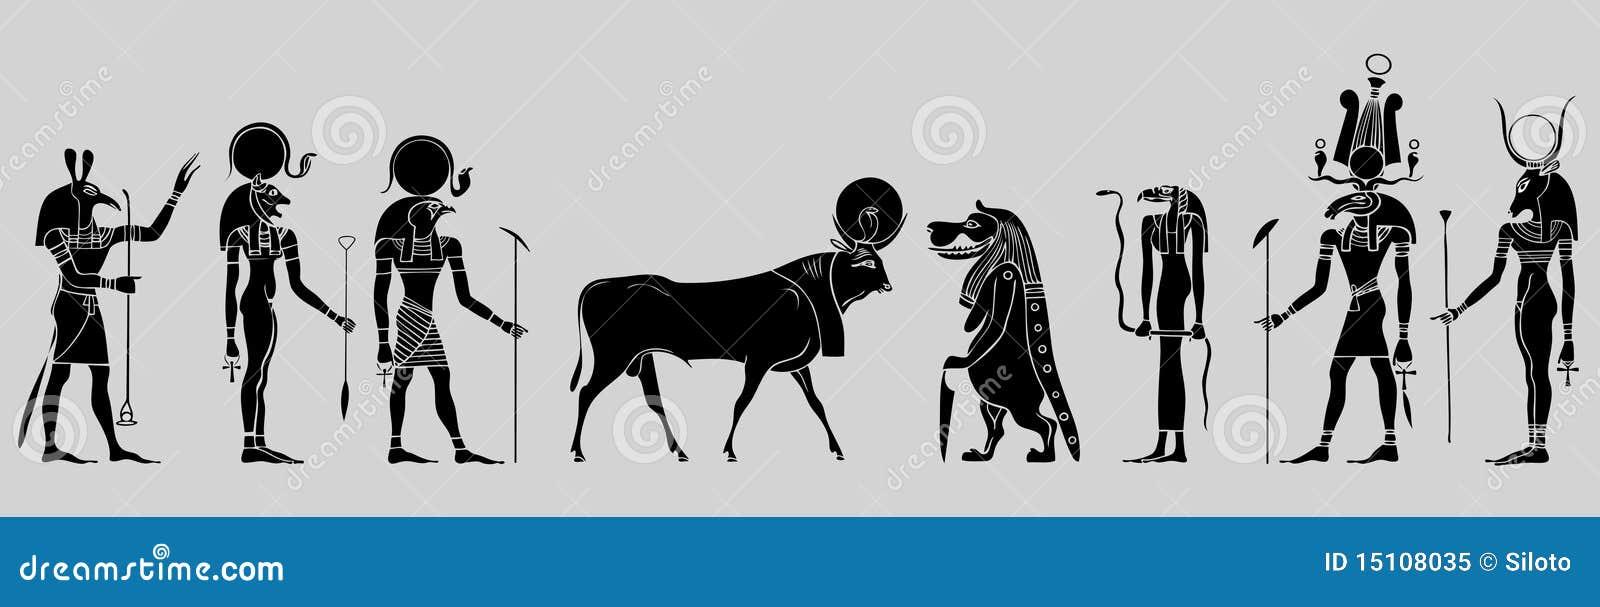 egyptische goden en godin vector illustratie. illustratie bestaande